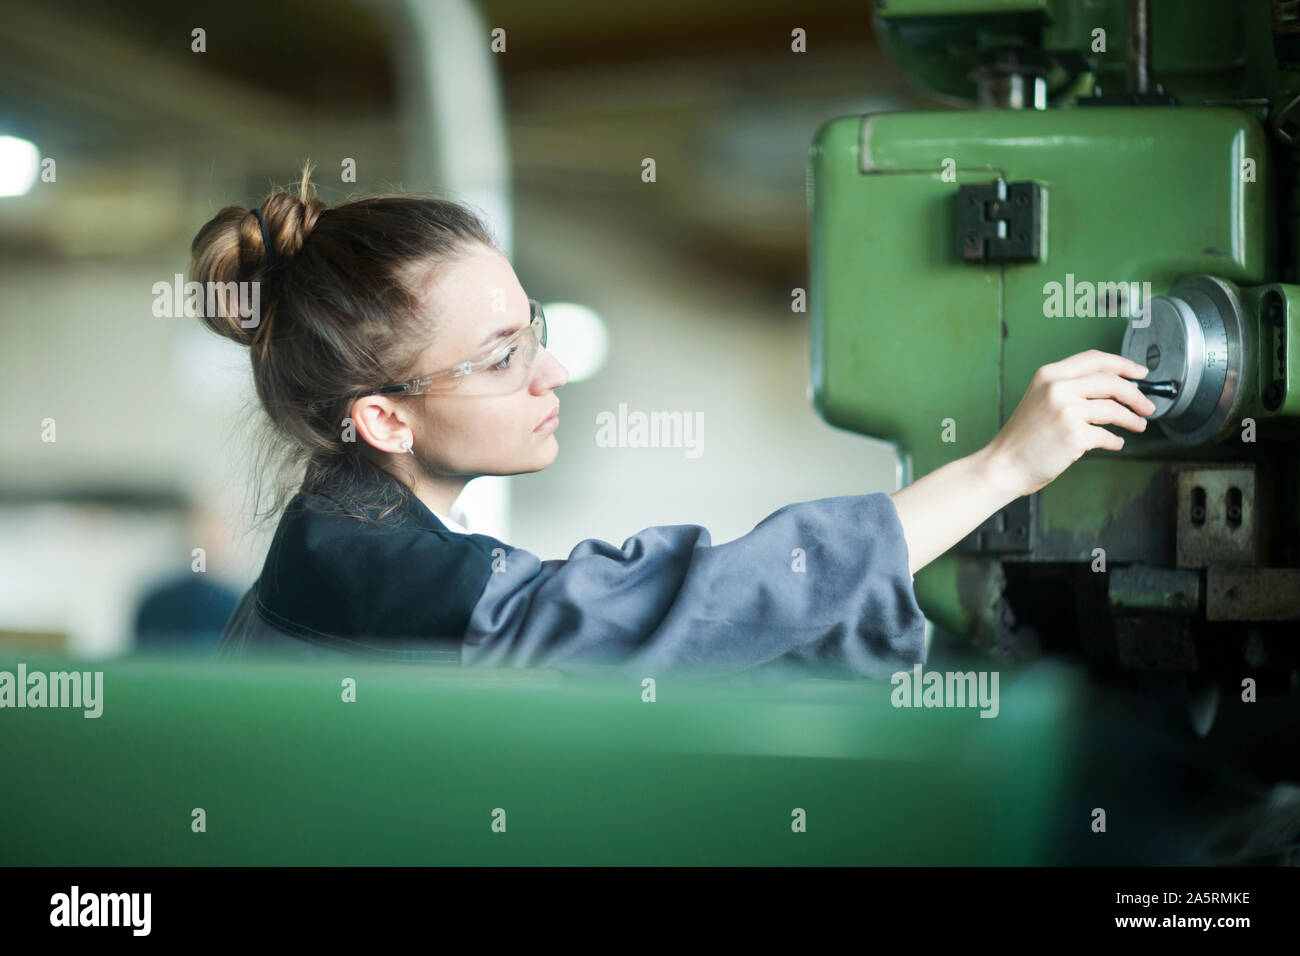 Avec un ingénieur de l'usine industrielle de travail des femmes Banque D'Images